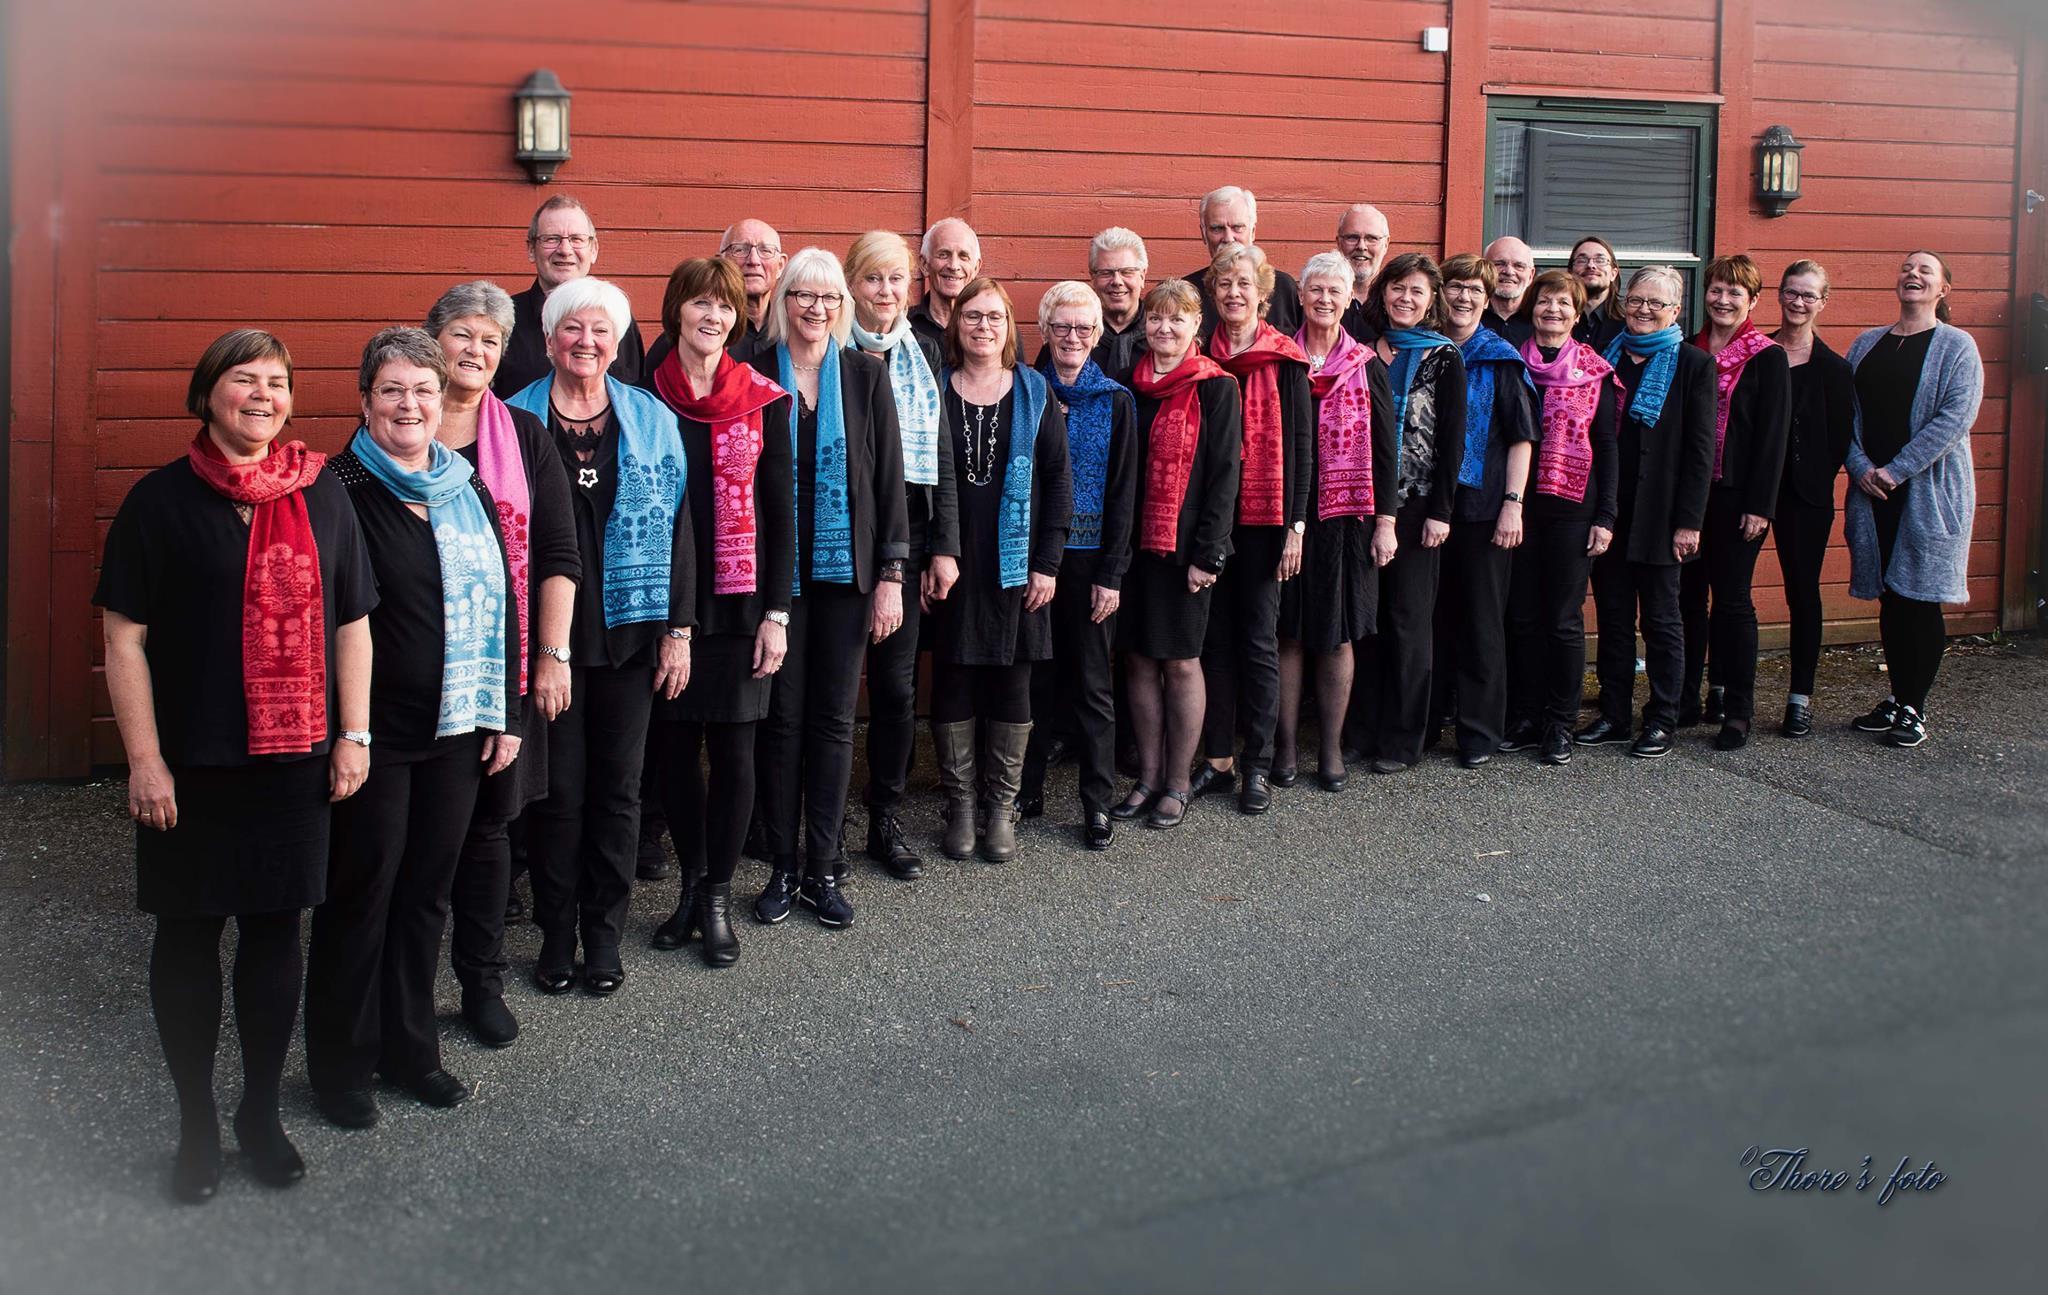 Concert del cor noruec Os Kammerkor a la sala de bótes del celler Mas Blanch i Jové